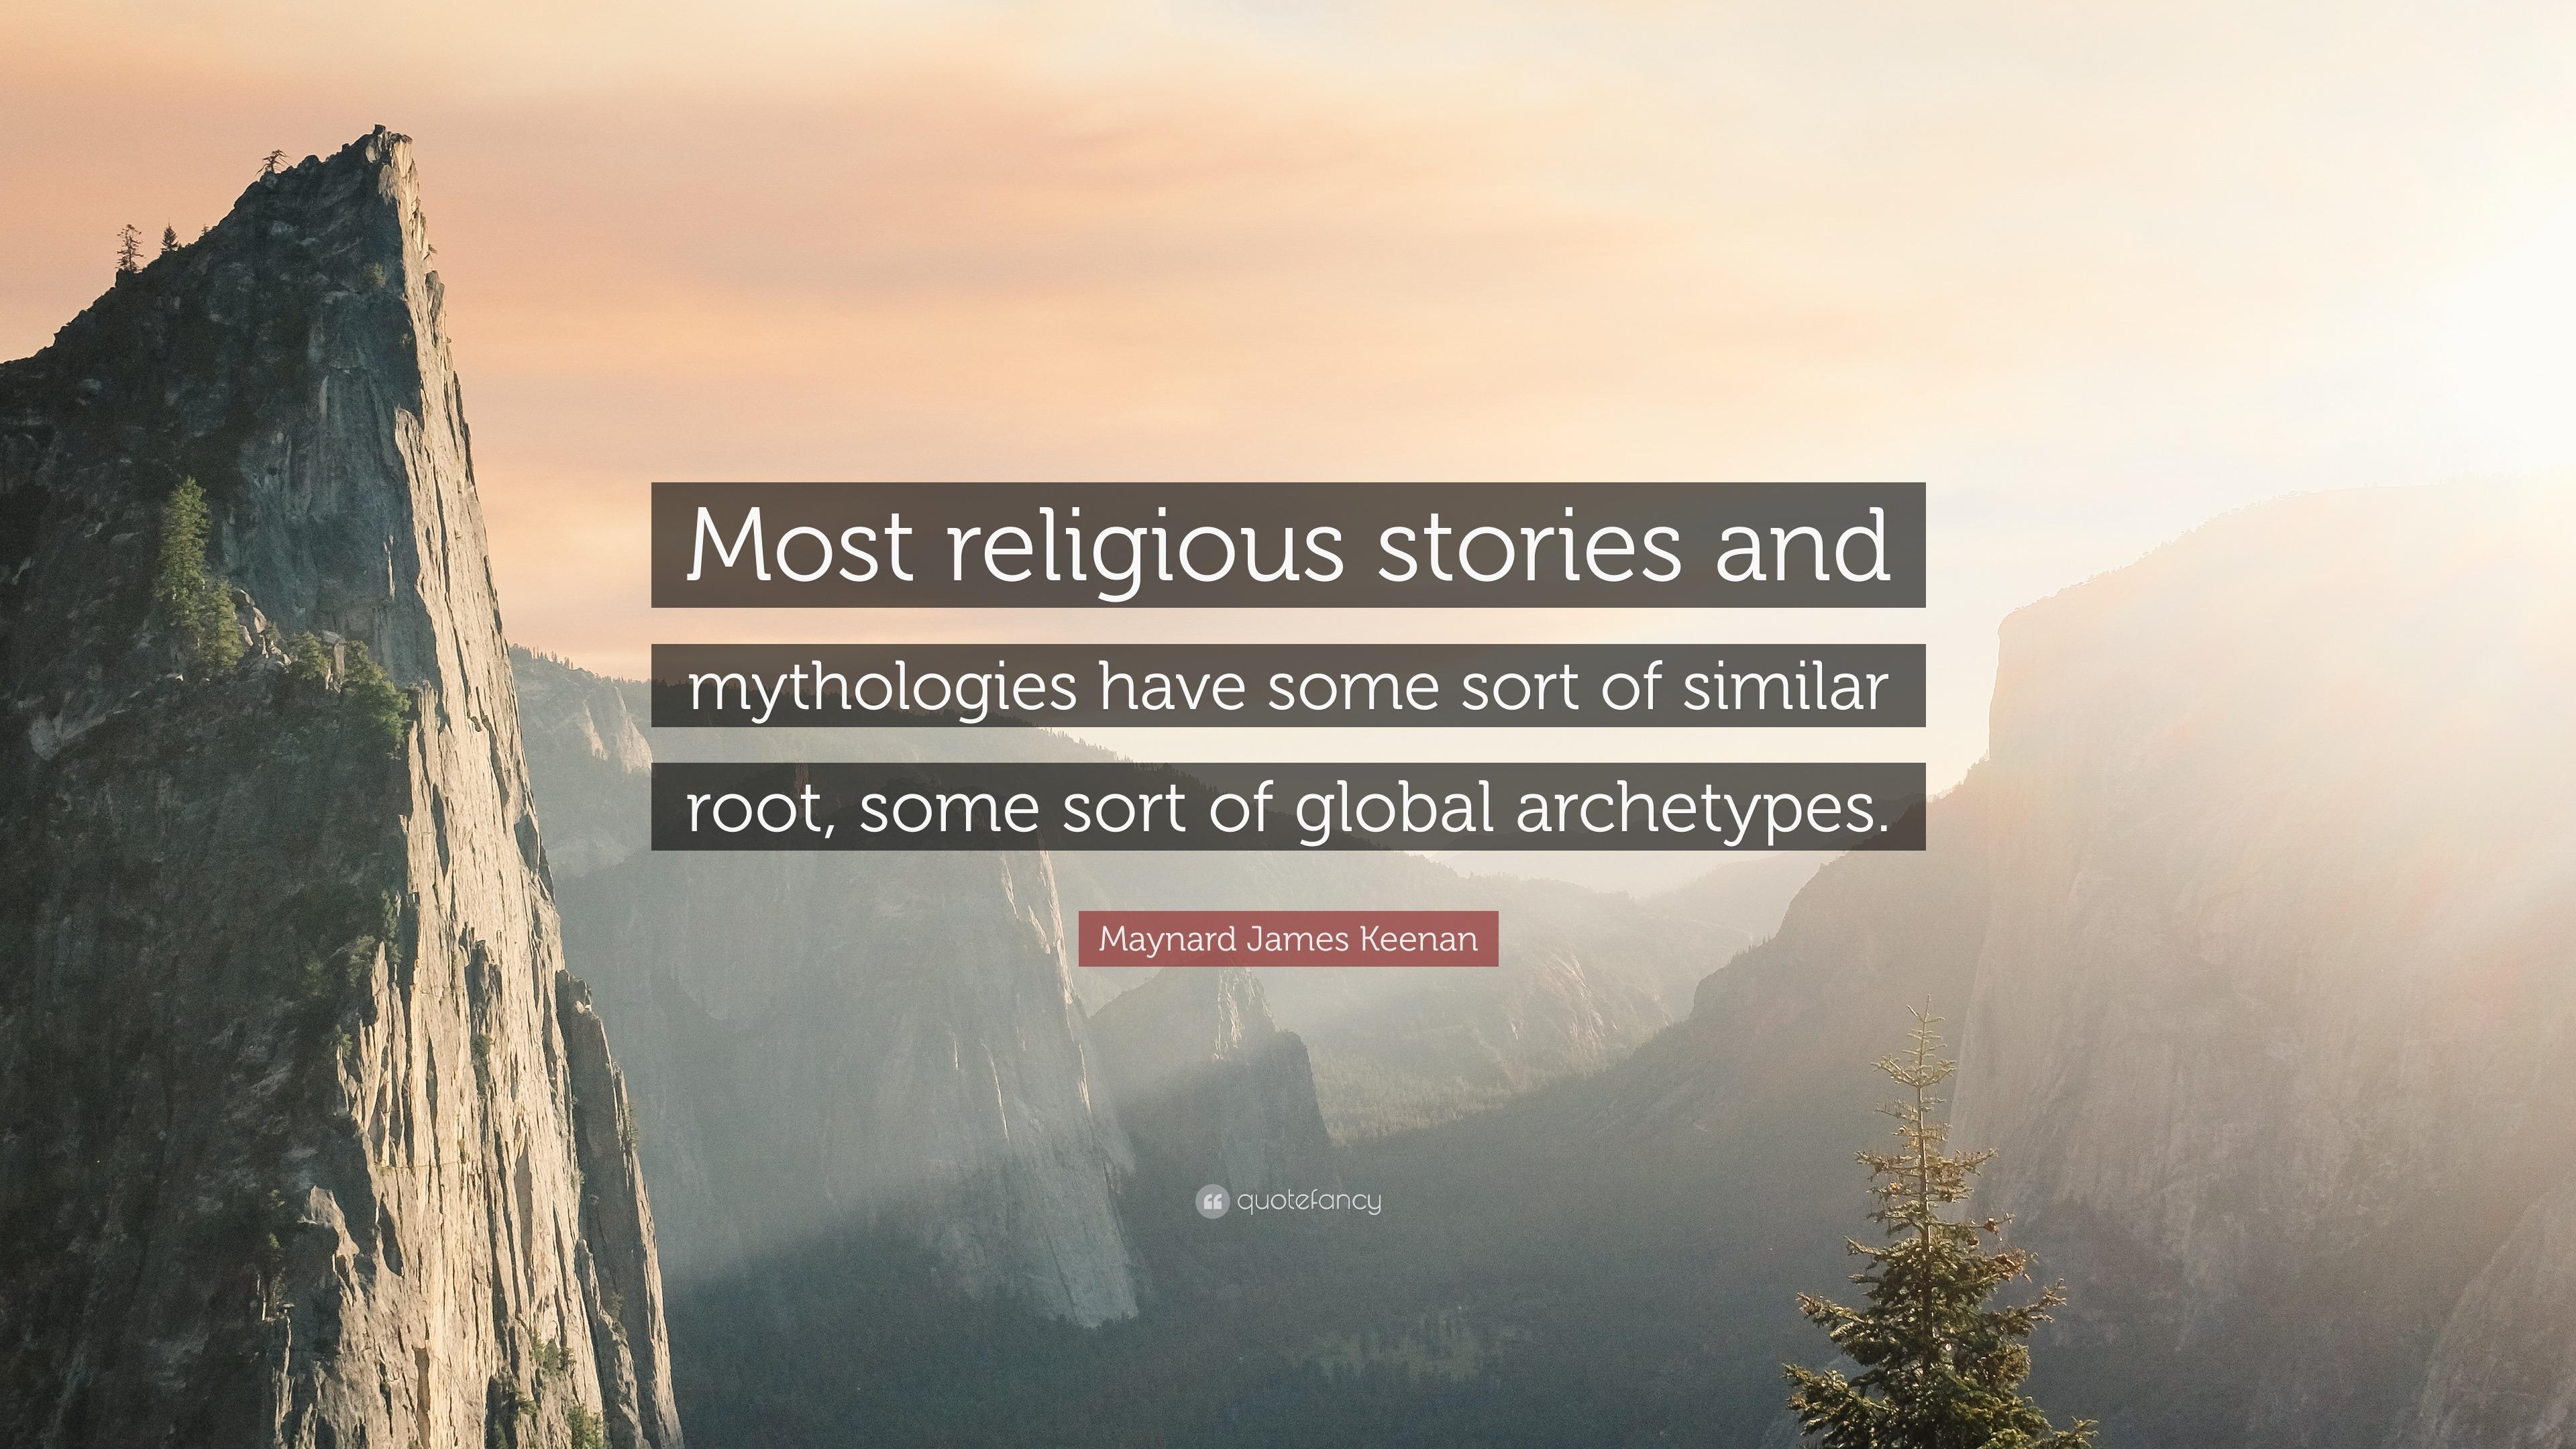 Maynard james keenan religion